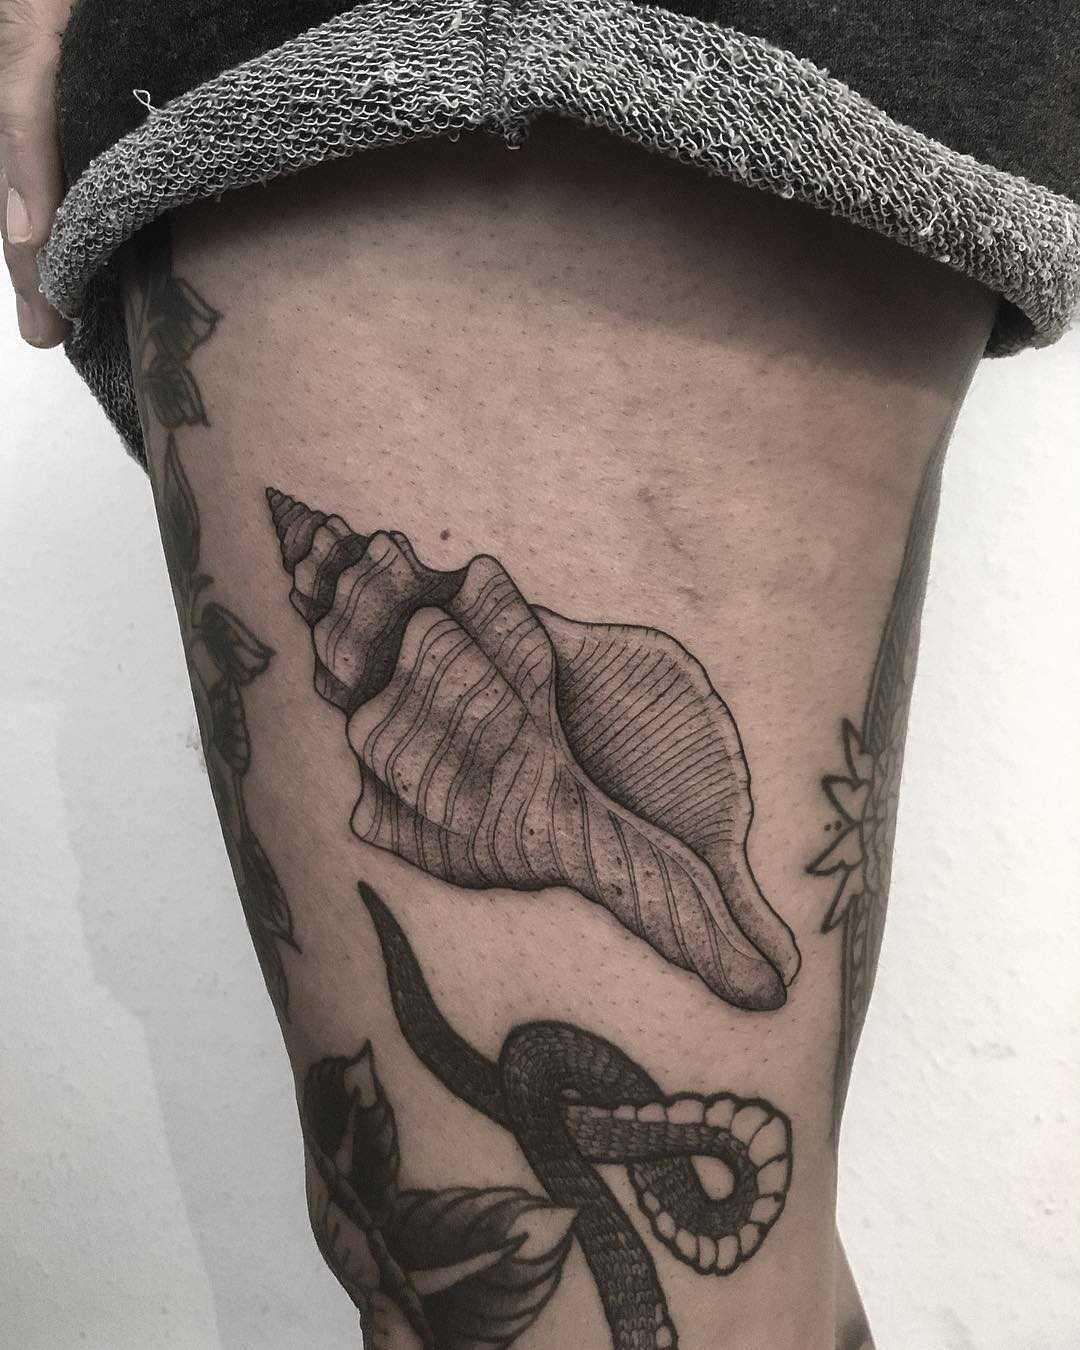 Sea shell tattoo by tattooist Spence @zz tattoo